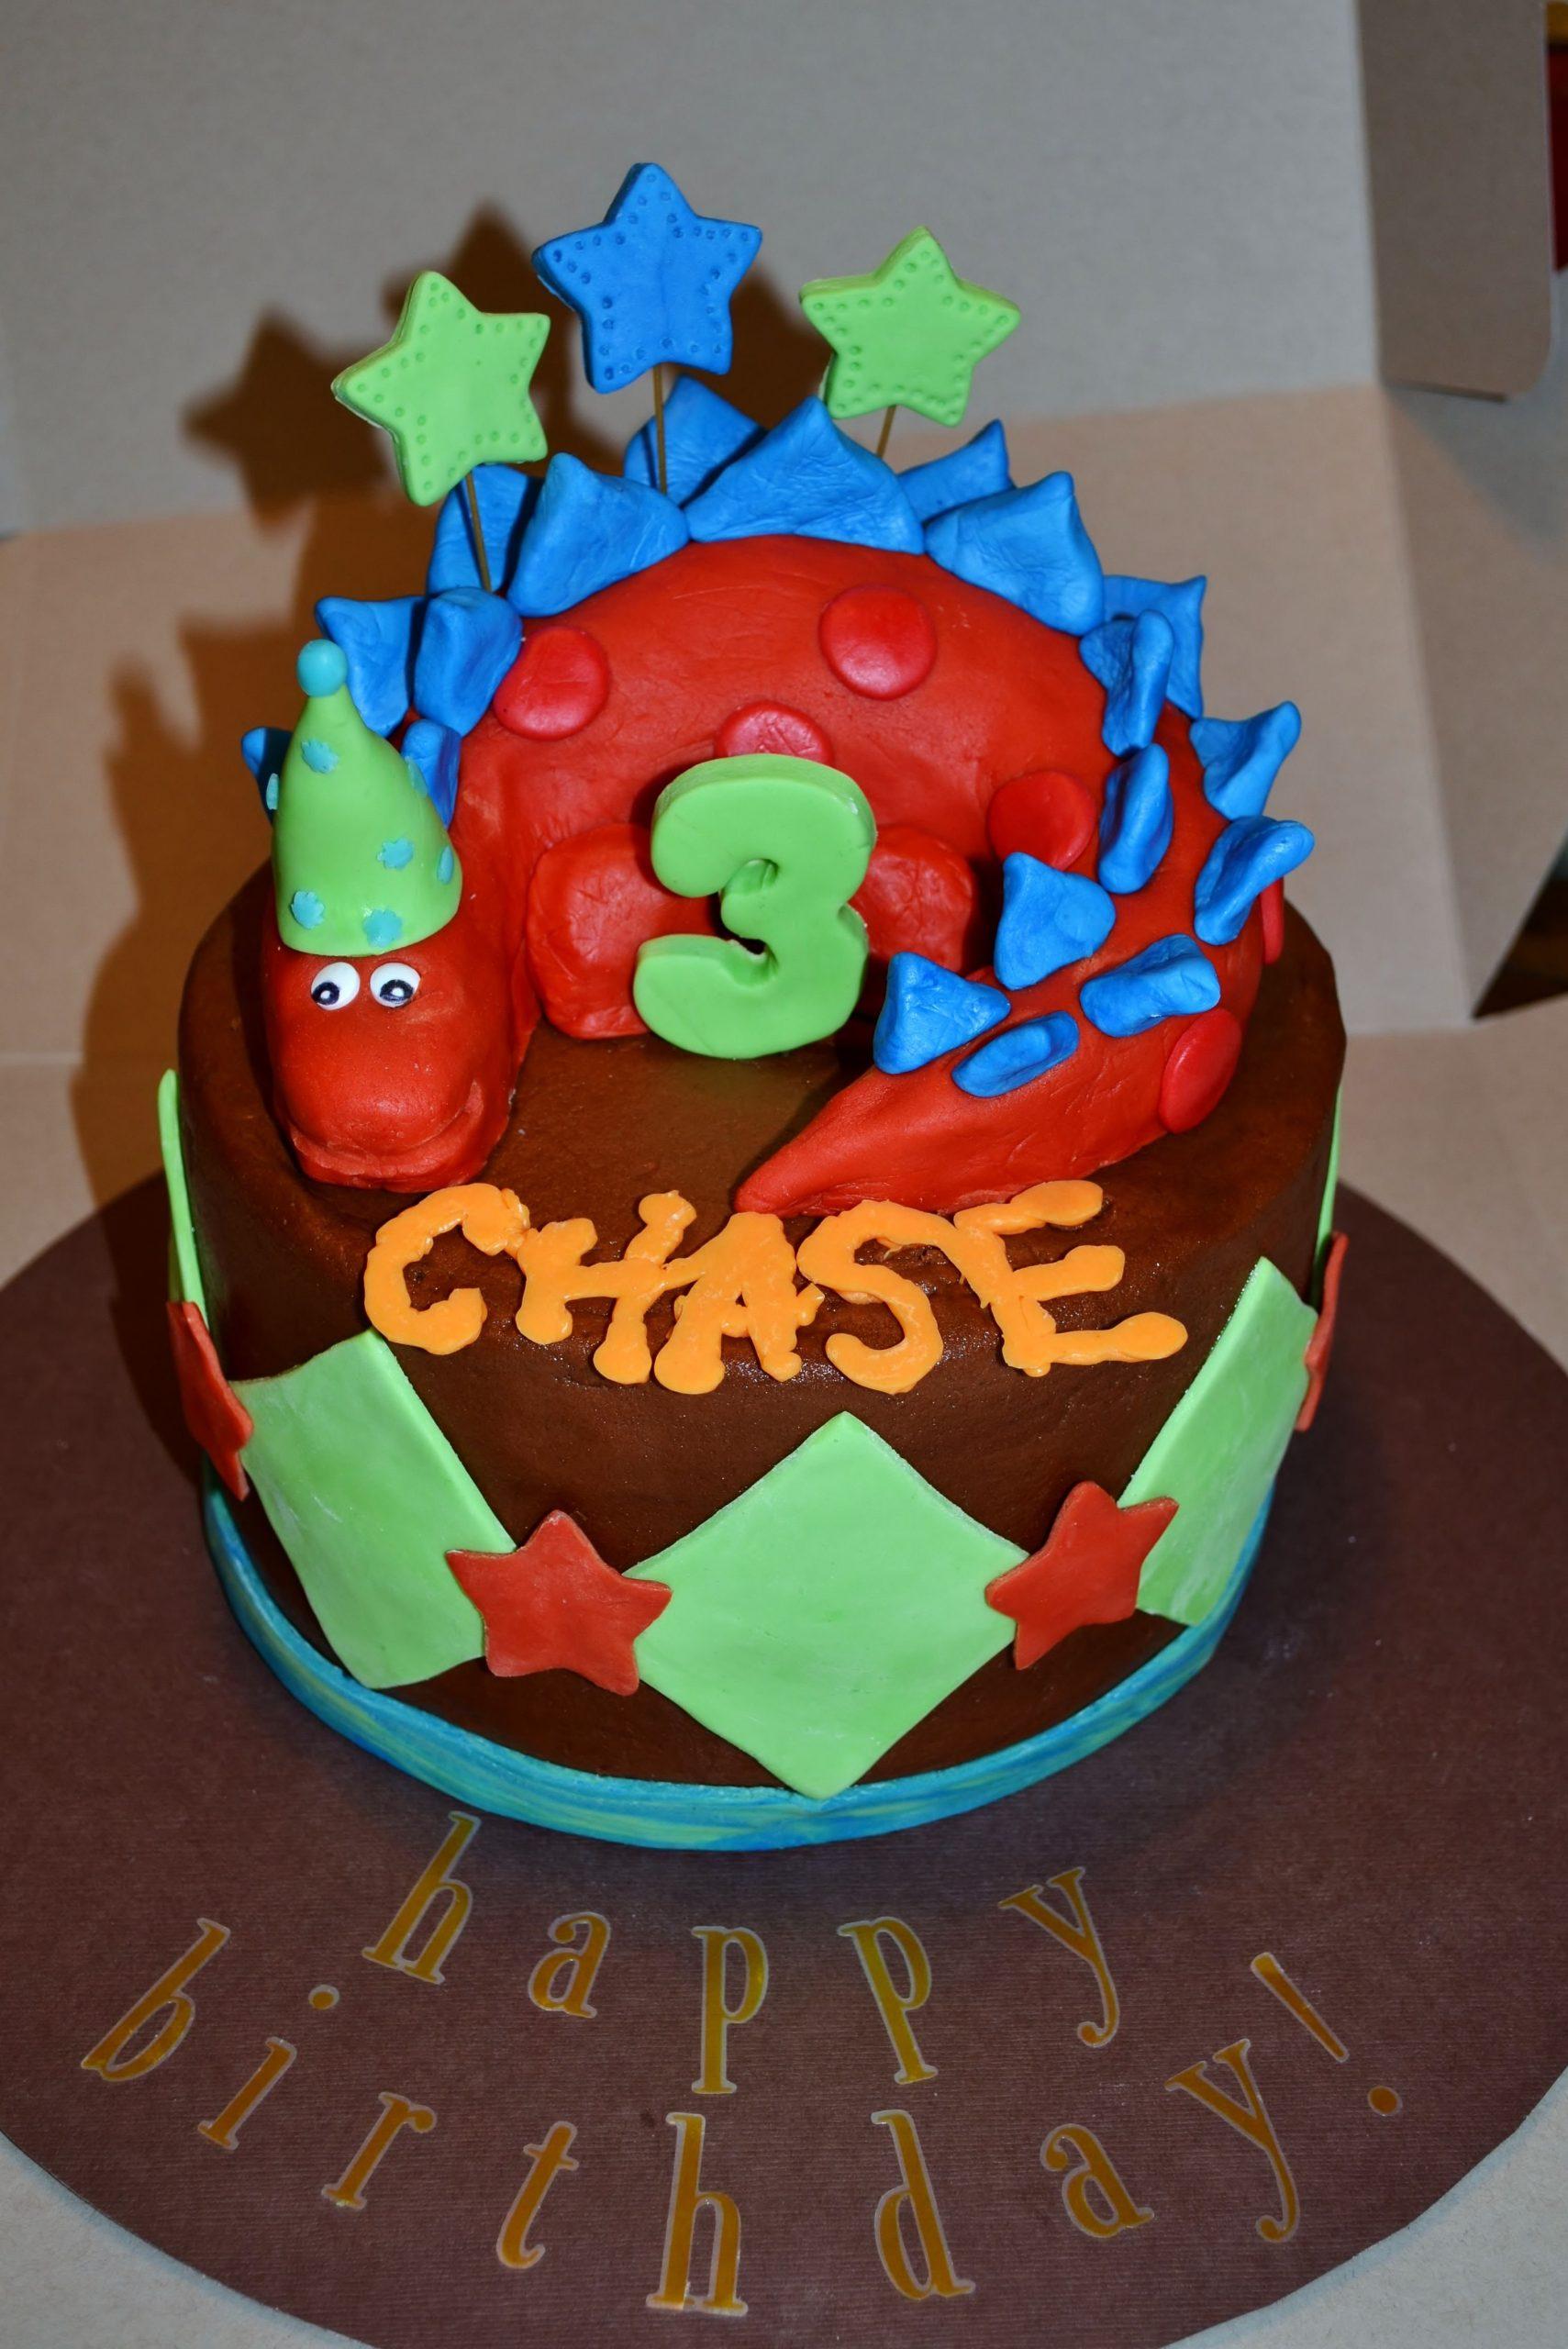 Stegosaurus Dinosaur Birthday Cake | Dinosaur Birthday Printable Cupcakes With Numbers 1 31